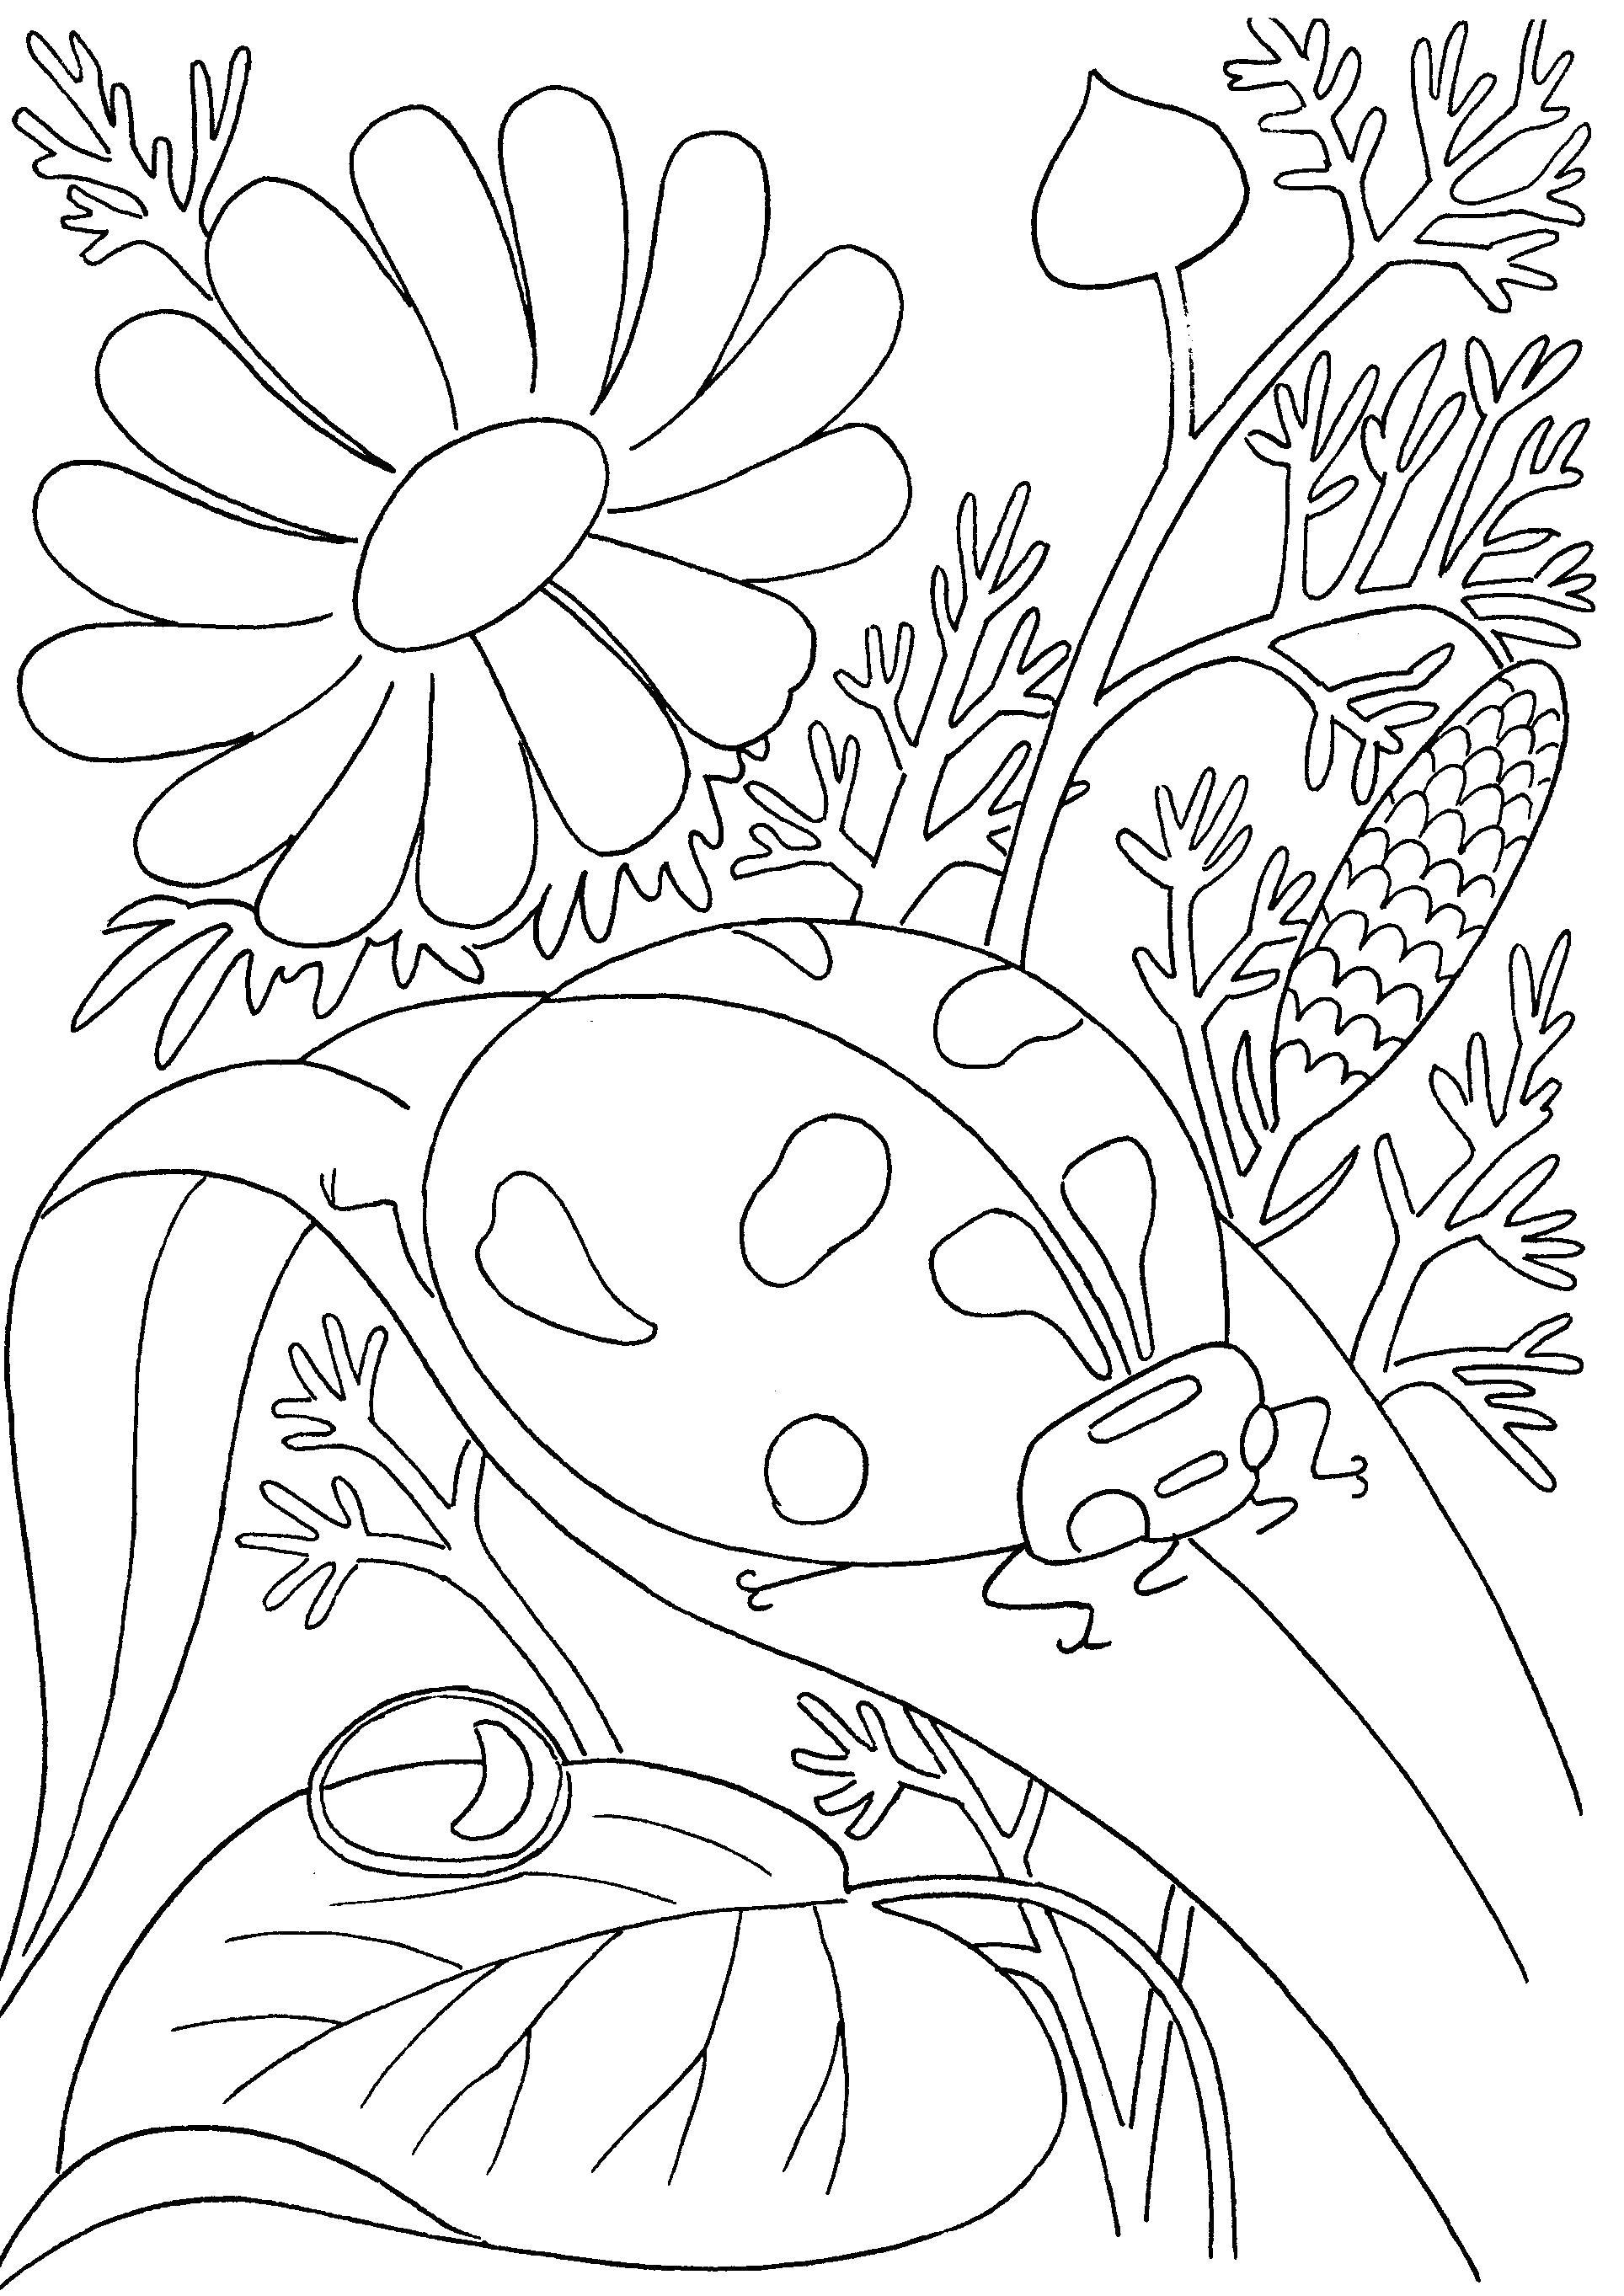 Раскраска  божья коровка на листочке в цветах . Скачать листья, цветы.  Распечатать растения